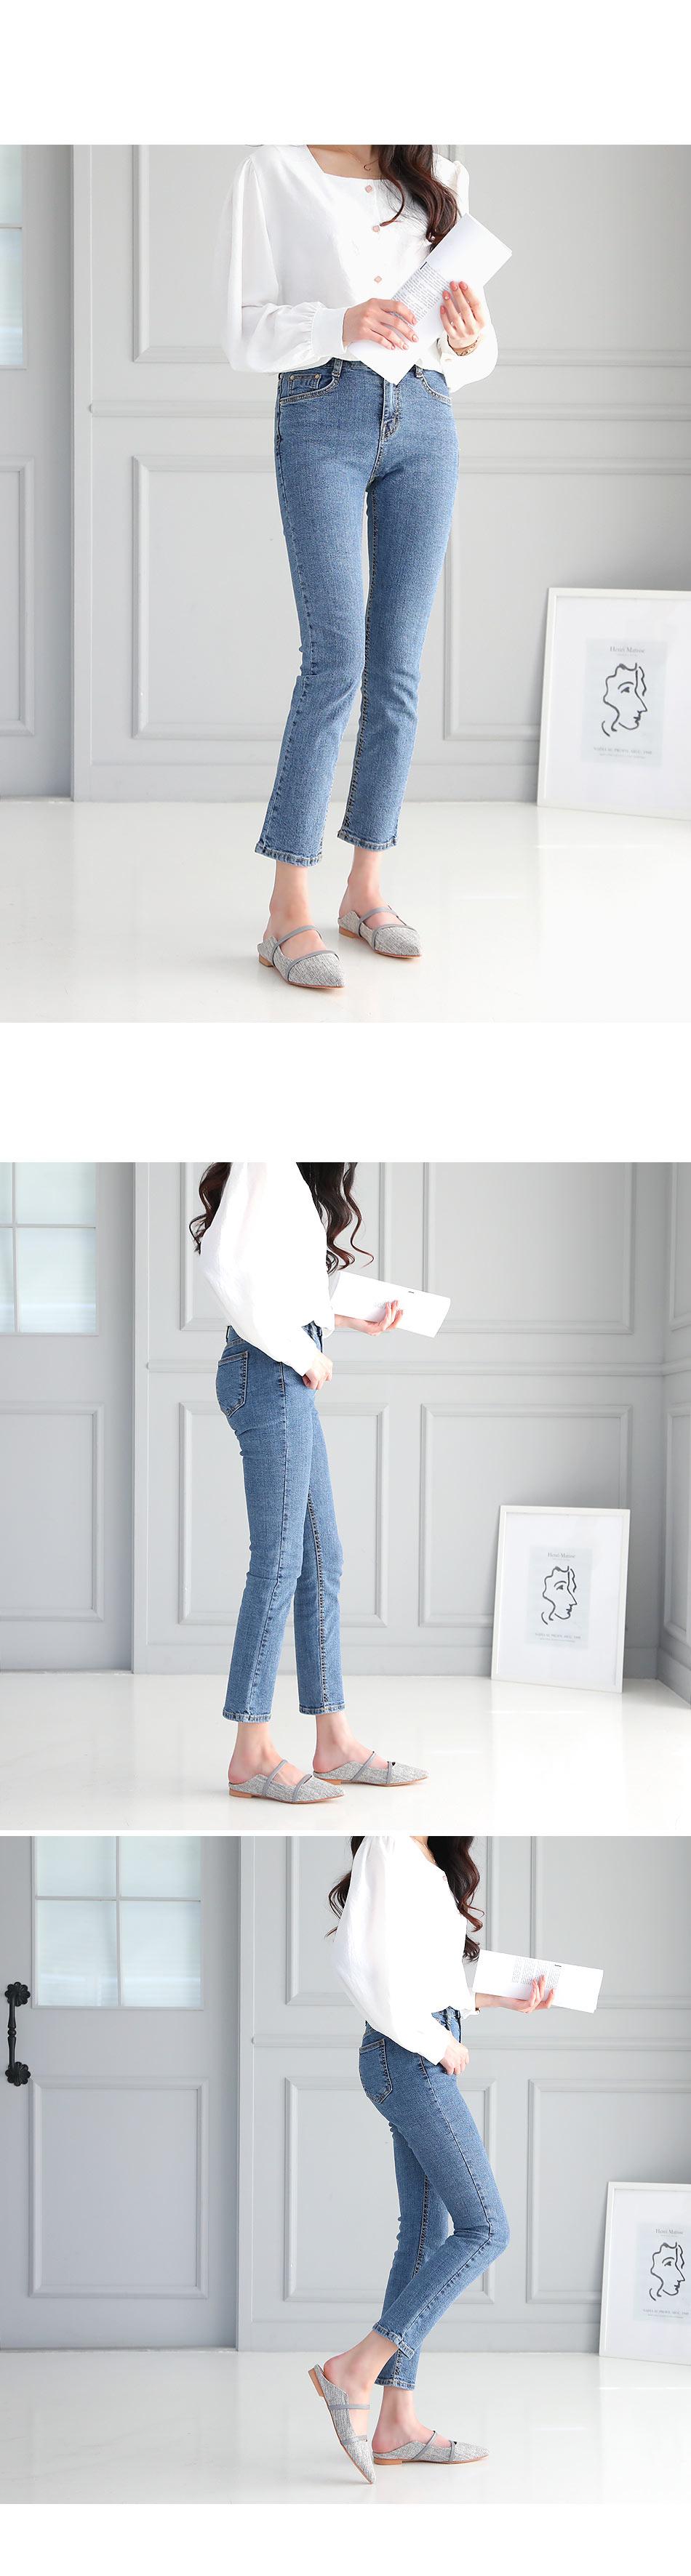 Durense Bloper 1.5cm